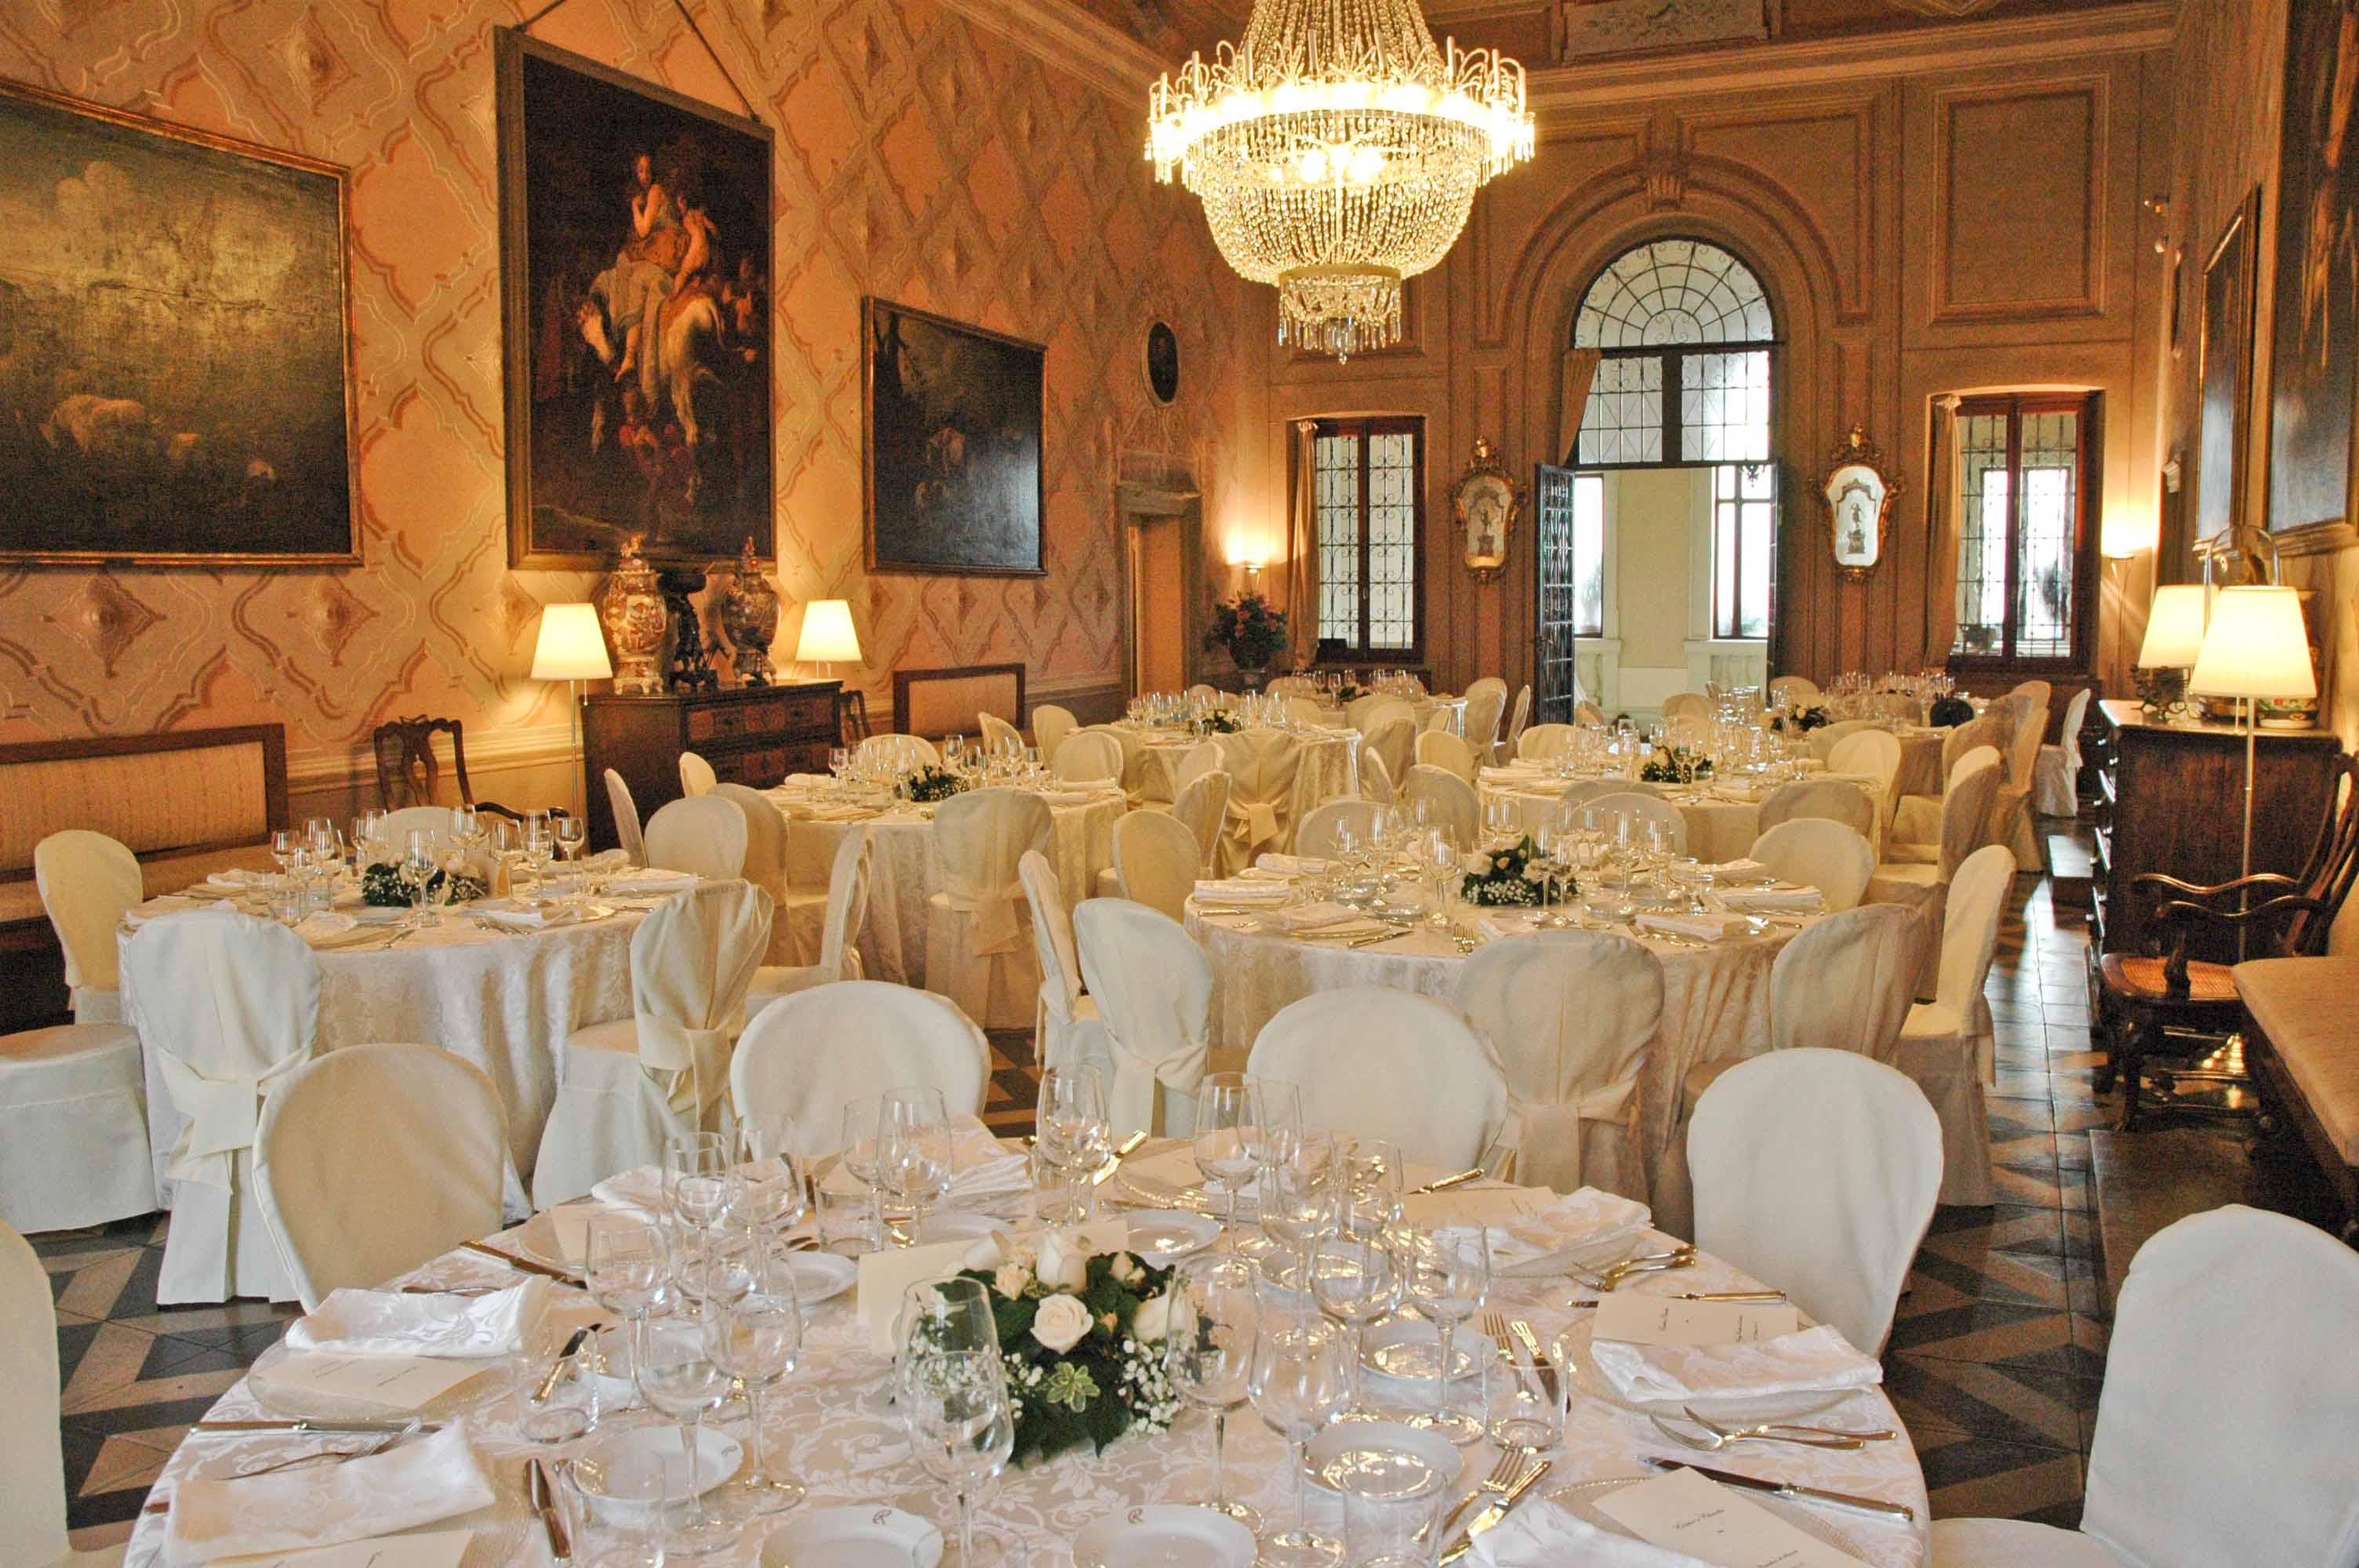 Matrimonio Rustico Verona : Matrimonio classico catering verona